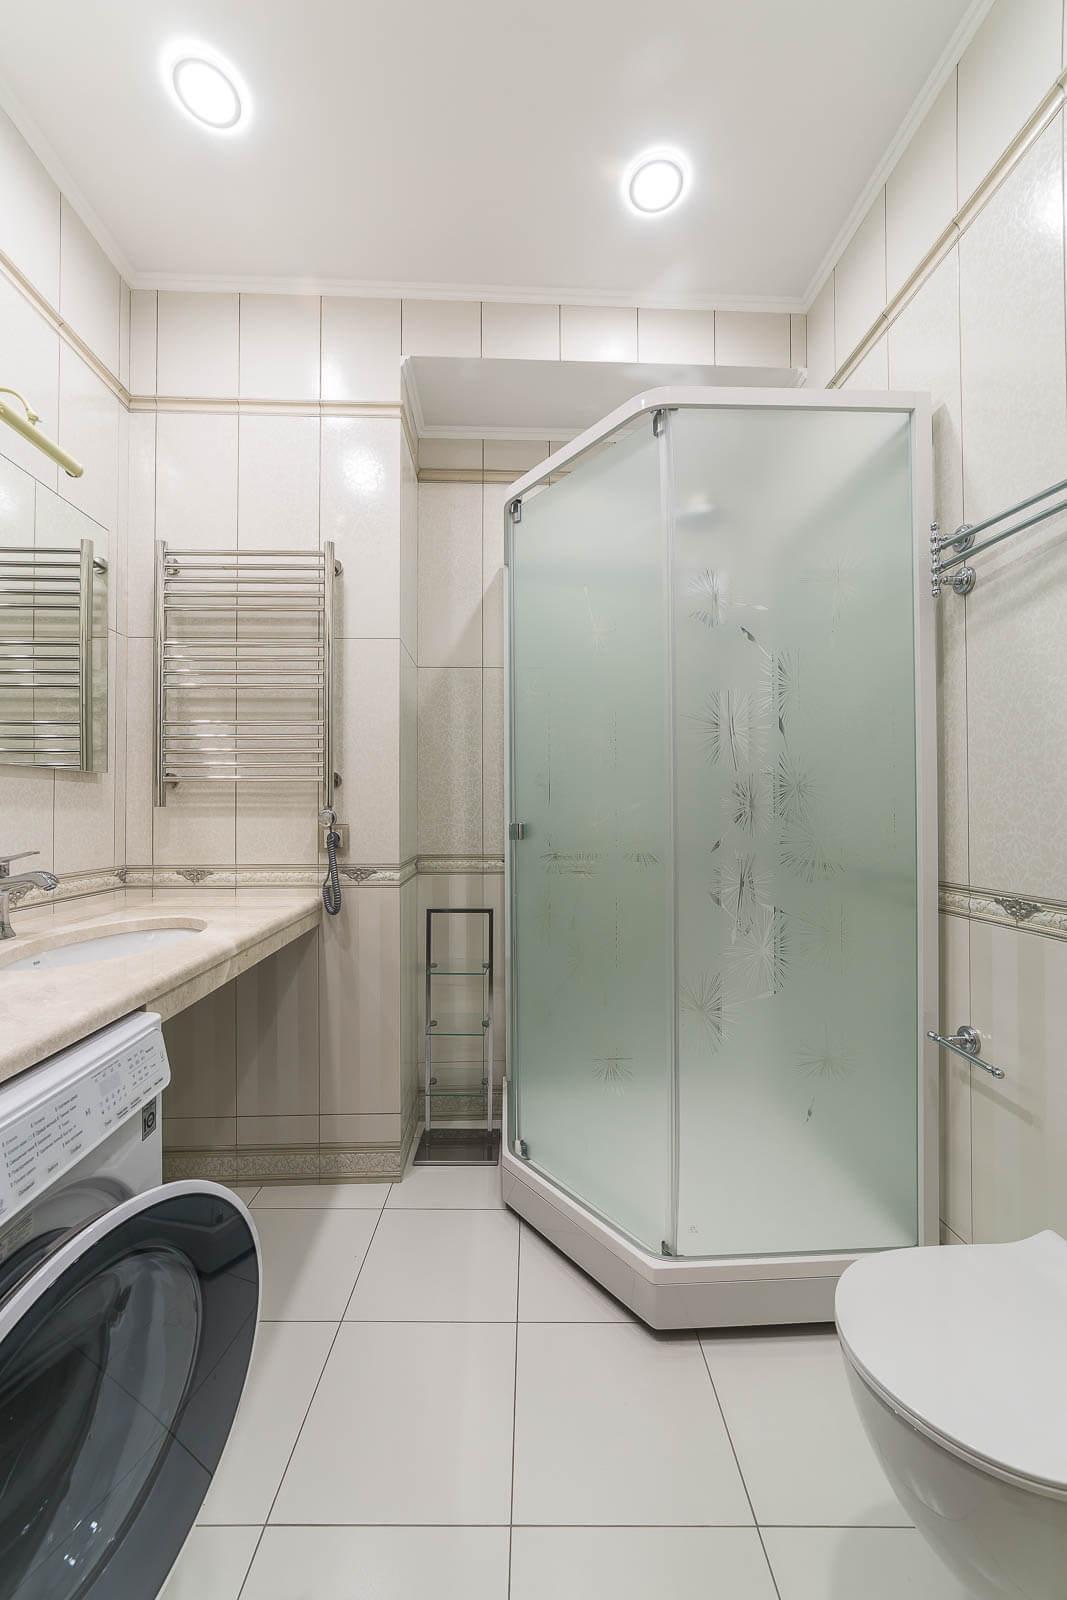 Элитные 3-х комнатные апартаменты в центре Сочи - image Elitnye-3-h-komnatnye-apartamenty-v-tsentre-Sochi-9 on https://bizneskvartal.ru